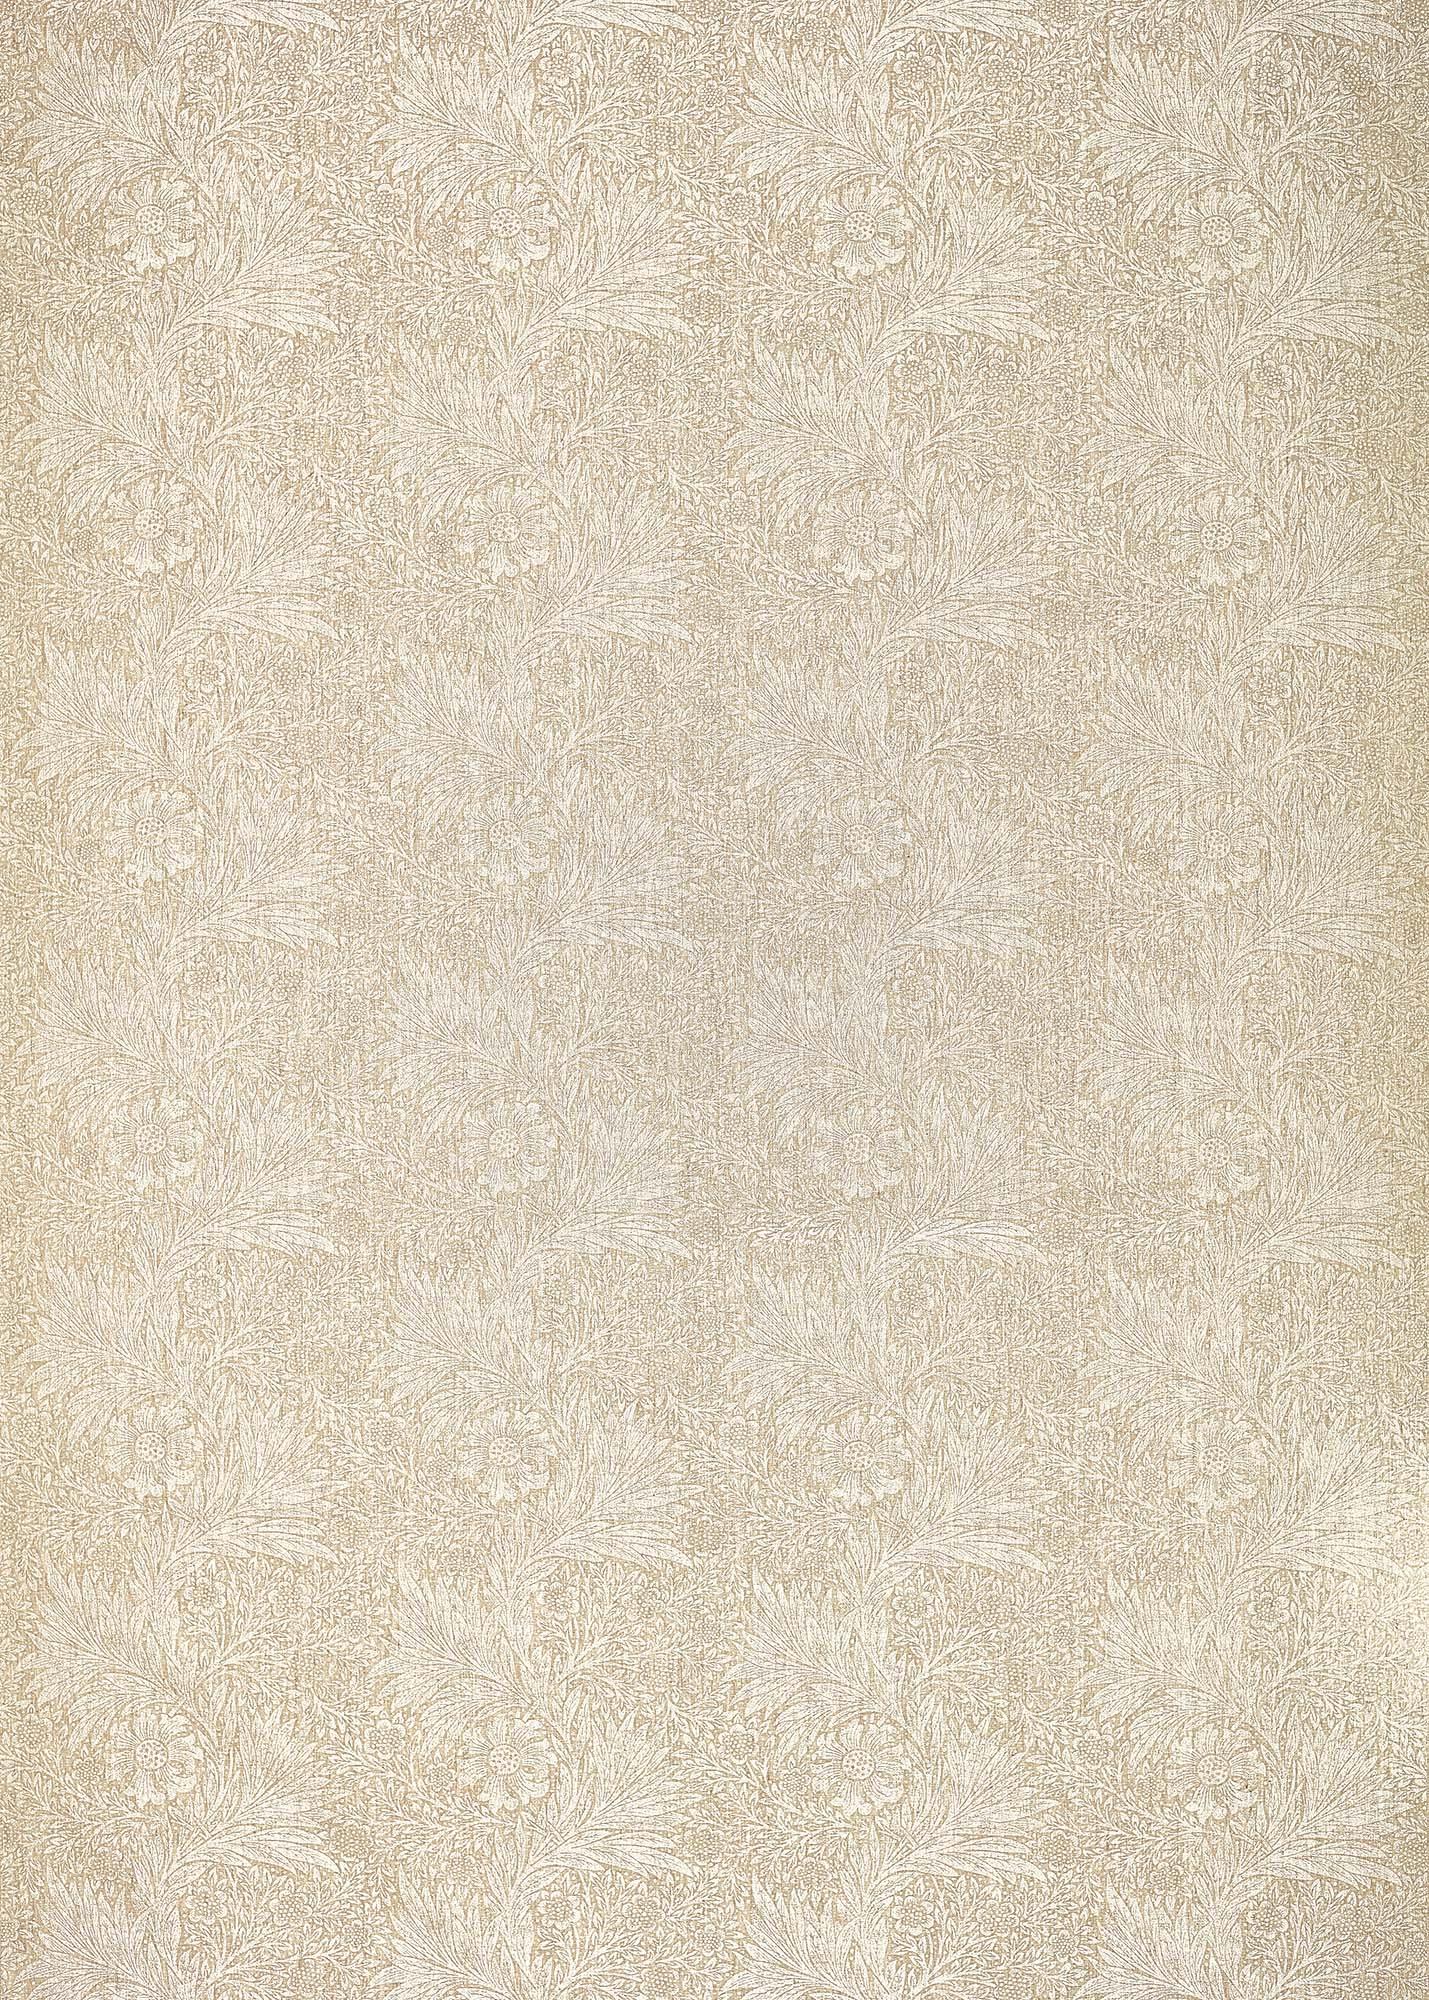 ウィリアムモリス生地 Pure Marigold 226487